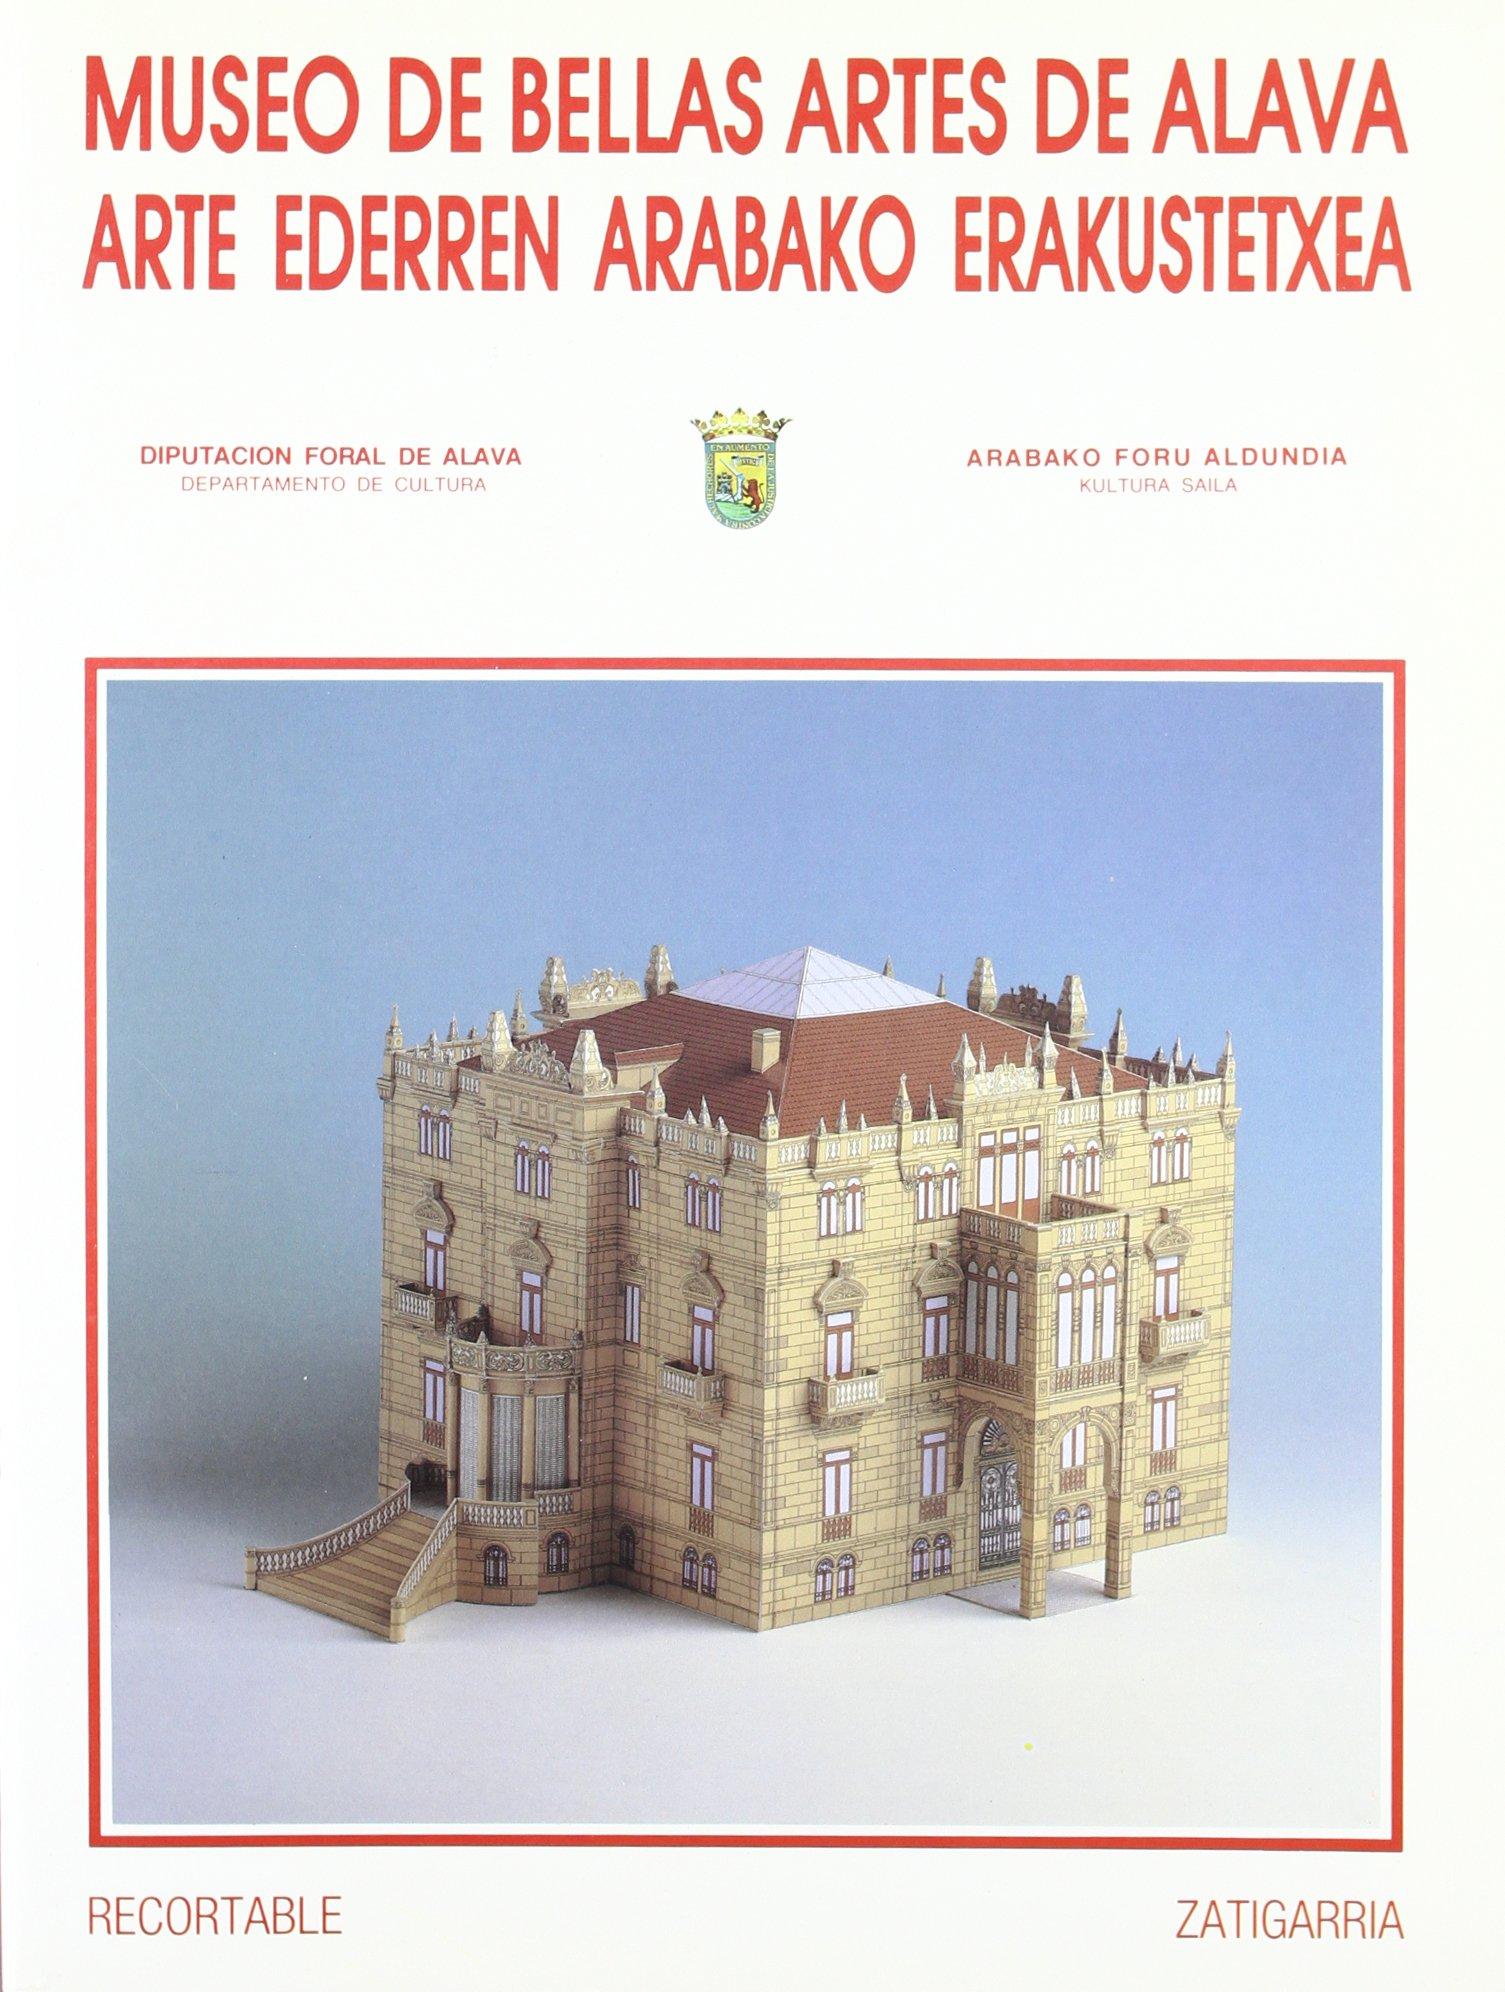 Museo de bellas artes de alava adquisiciones 2006-2007 ...